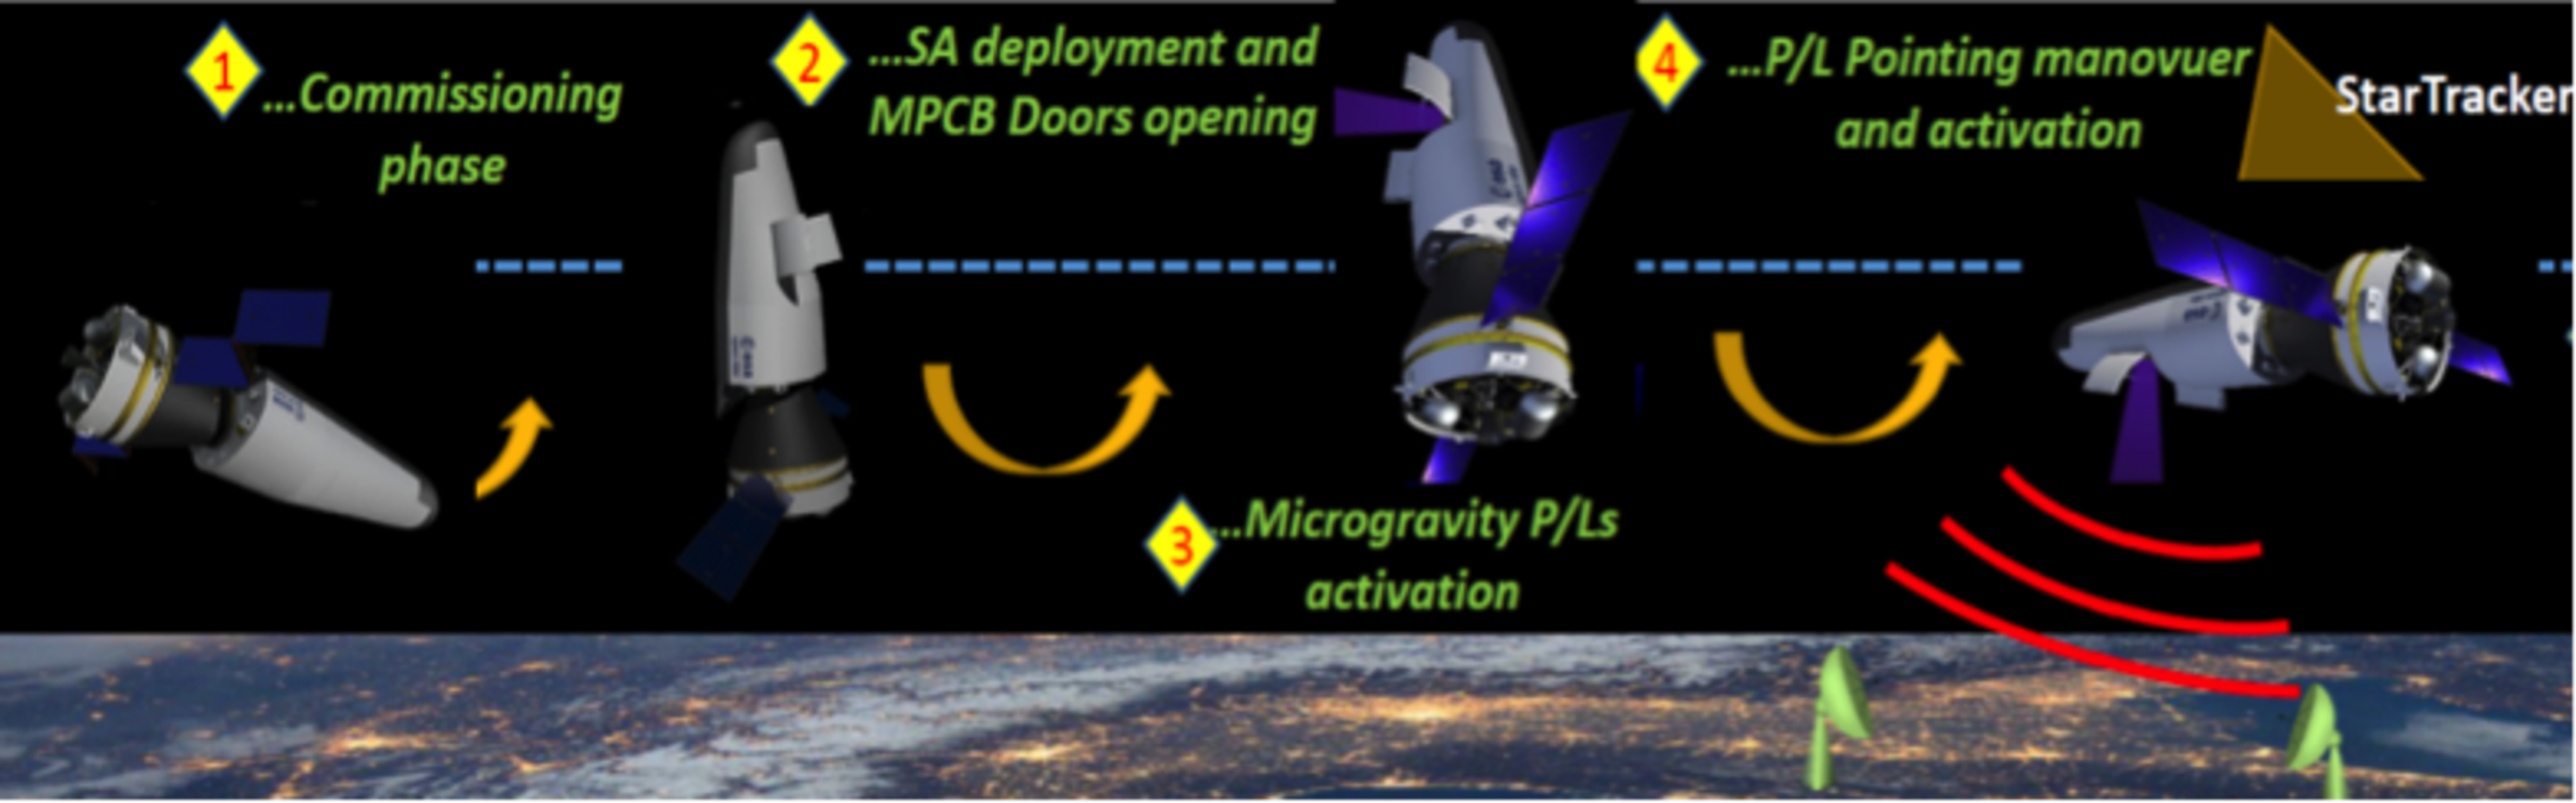 Space Rider capabilities